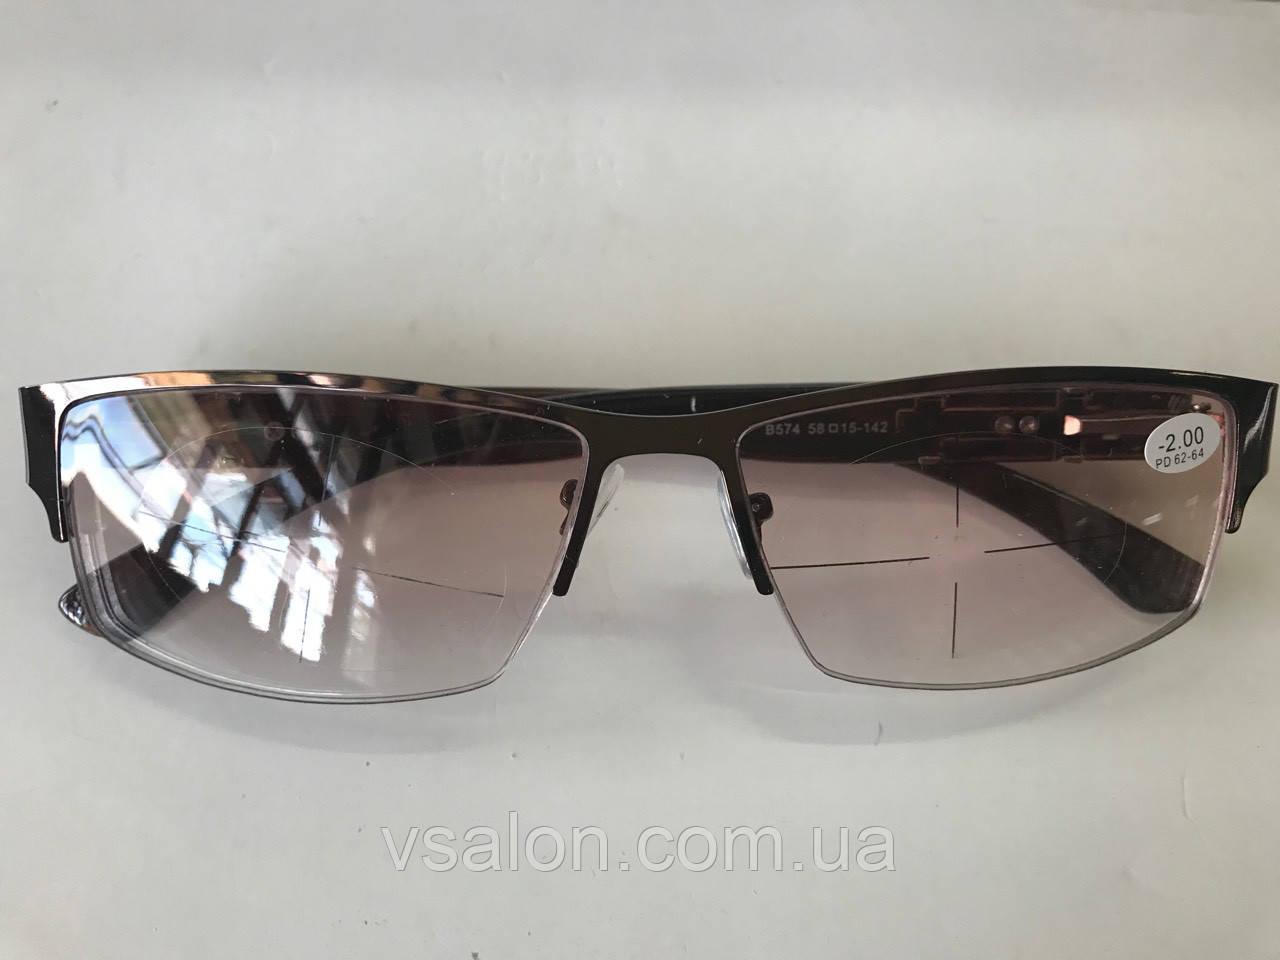 Очки с диоптриями мужские 574